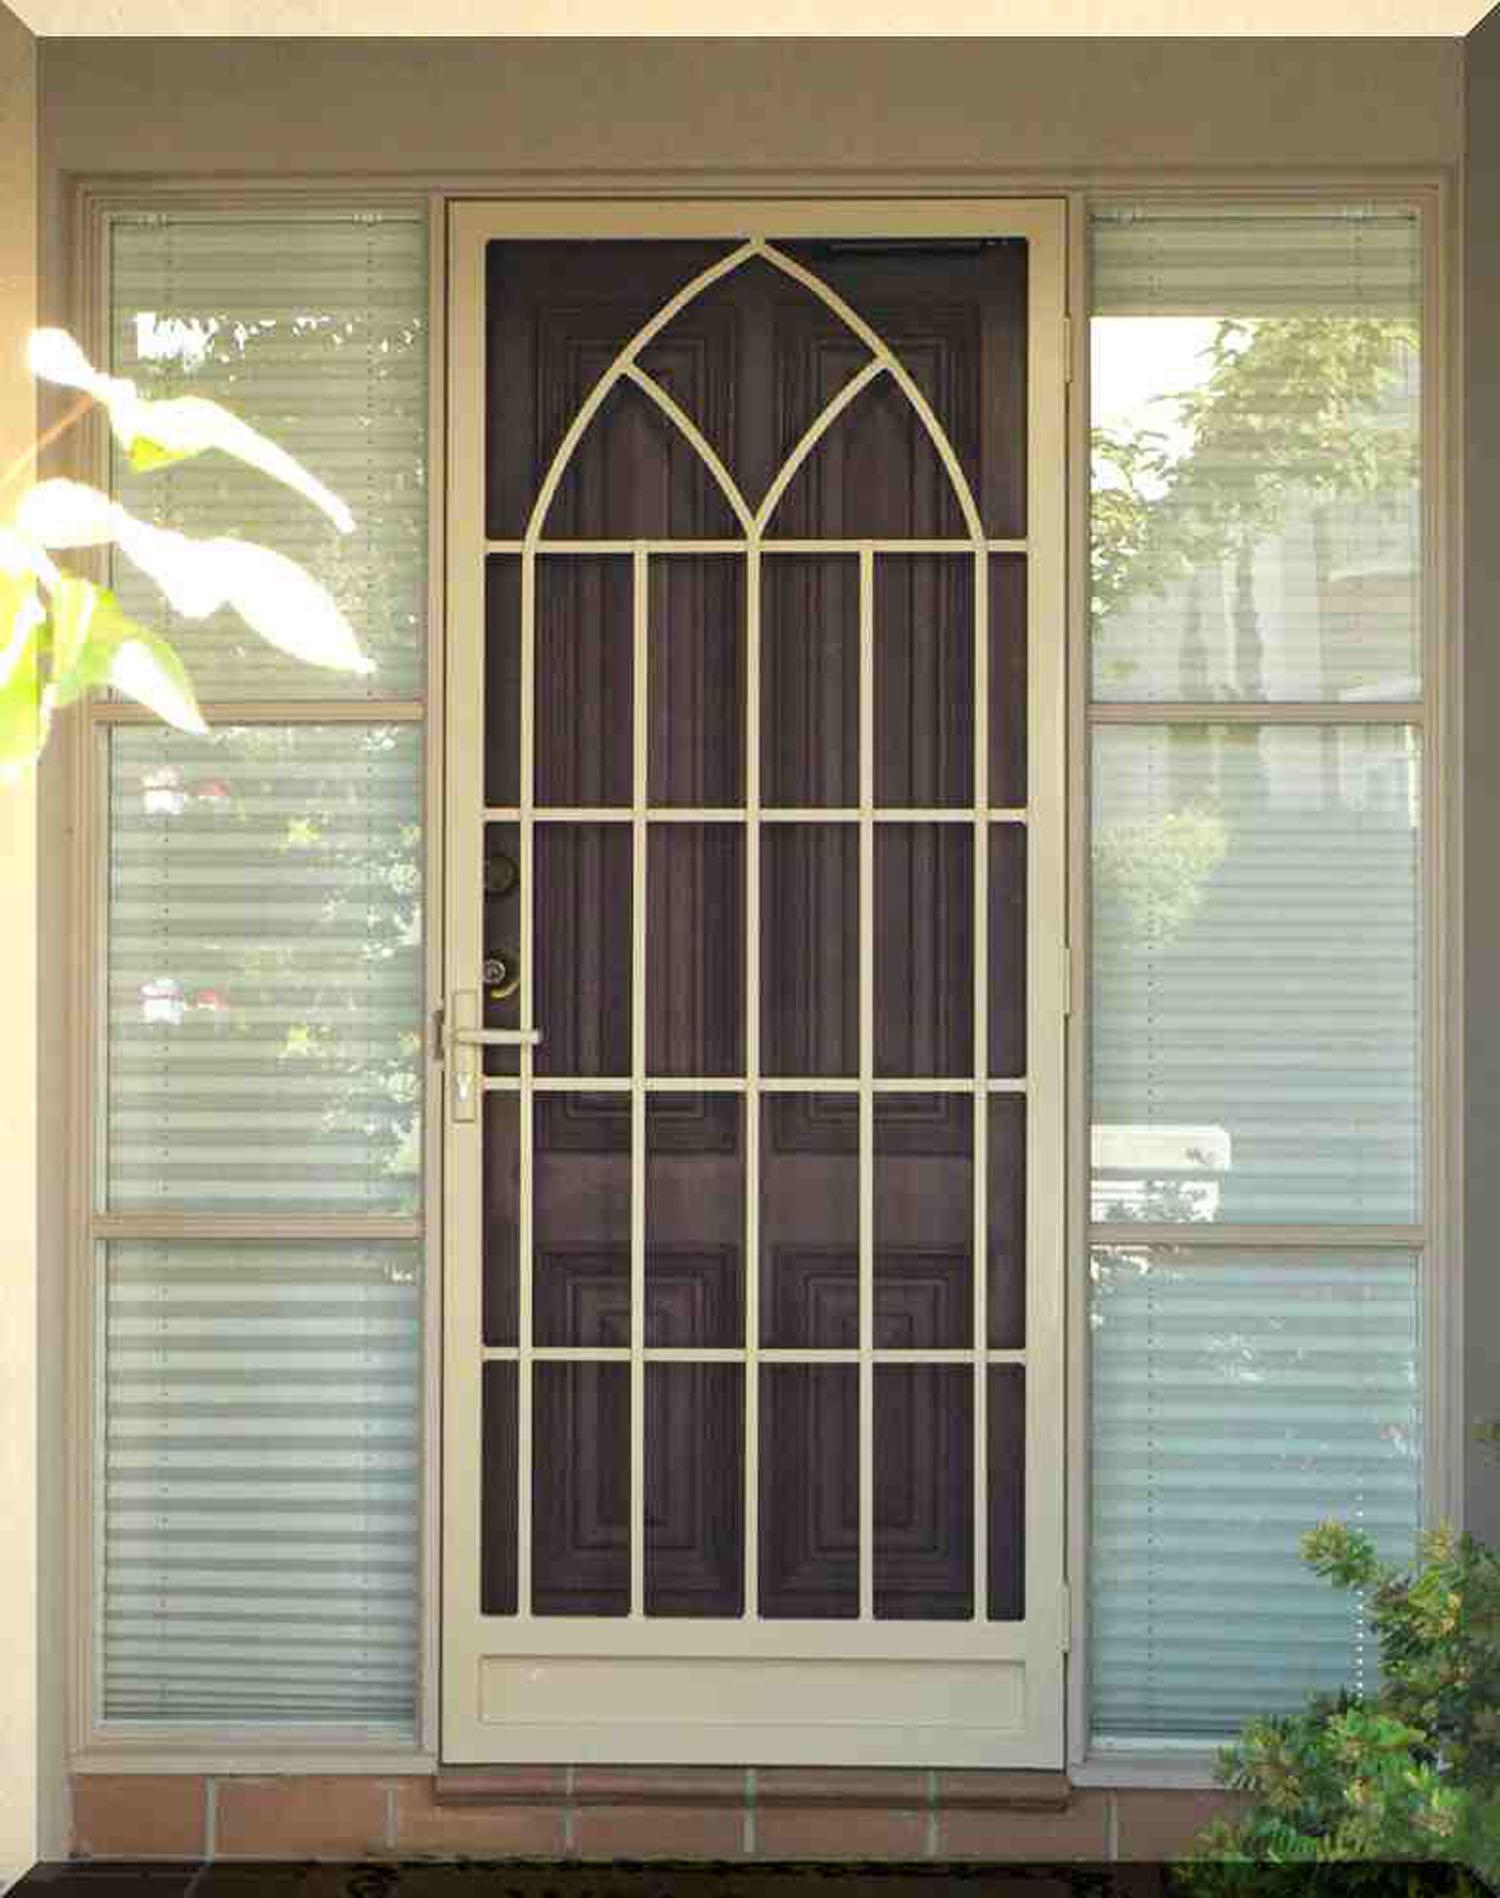 Residential Security Doors : Security doors